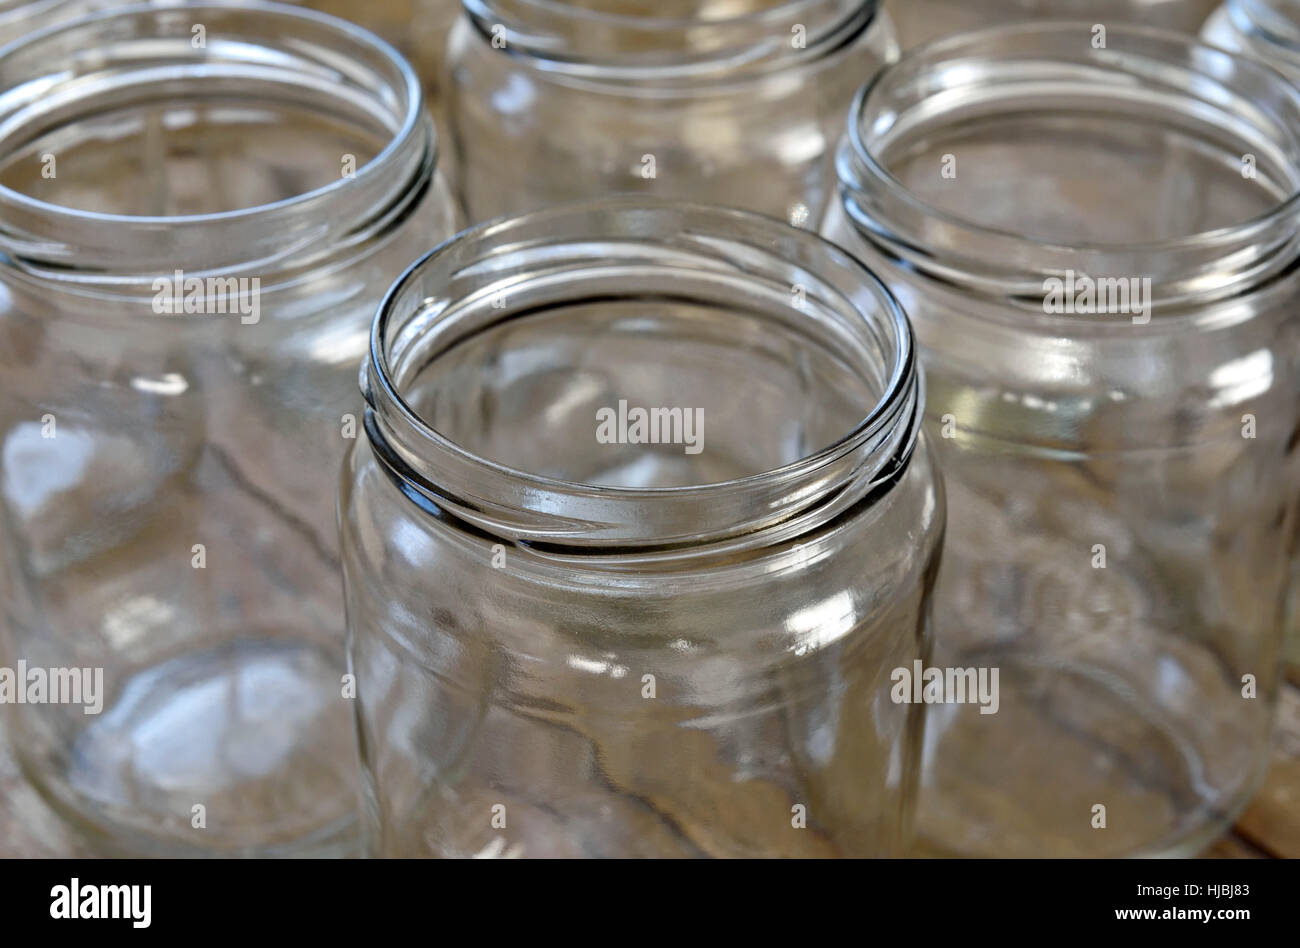 Pulire dei vasetti di vetro per il riutilizzo o il riciclaggio Immagini Stock